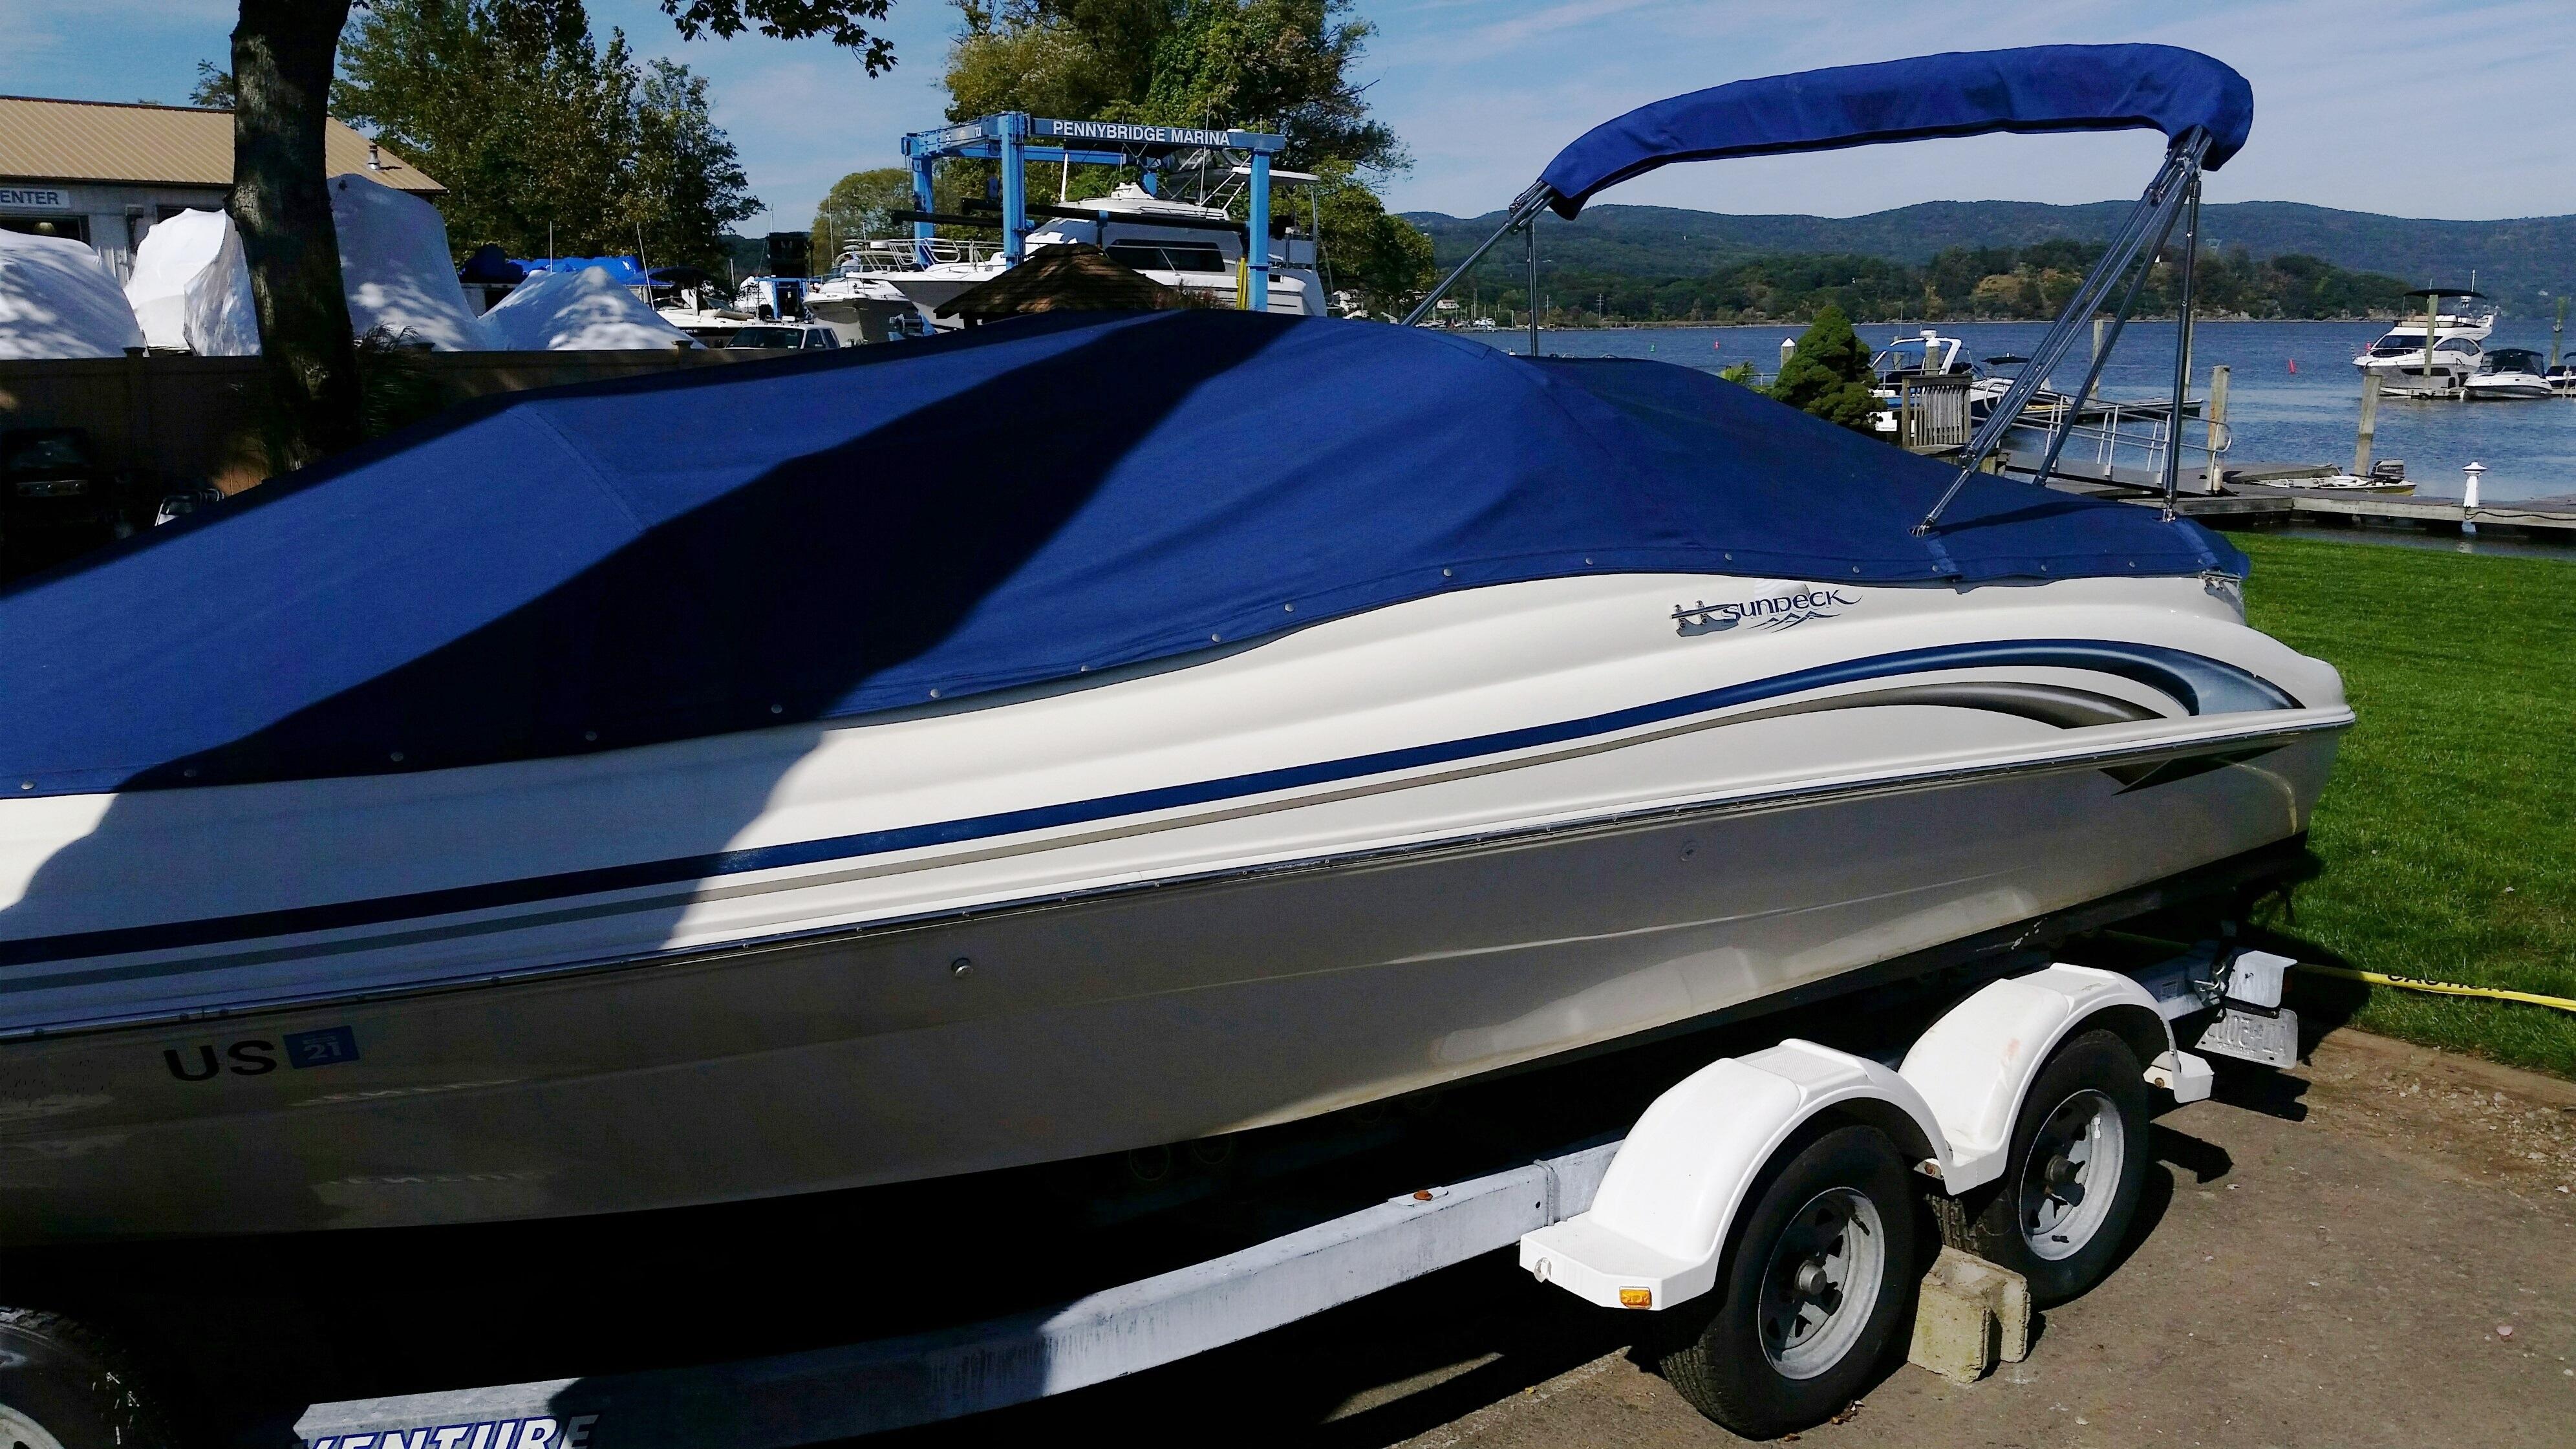 2000 Sea Ray 210 Sundeck | Penny Bridge Marine